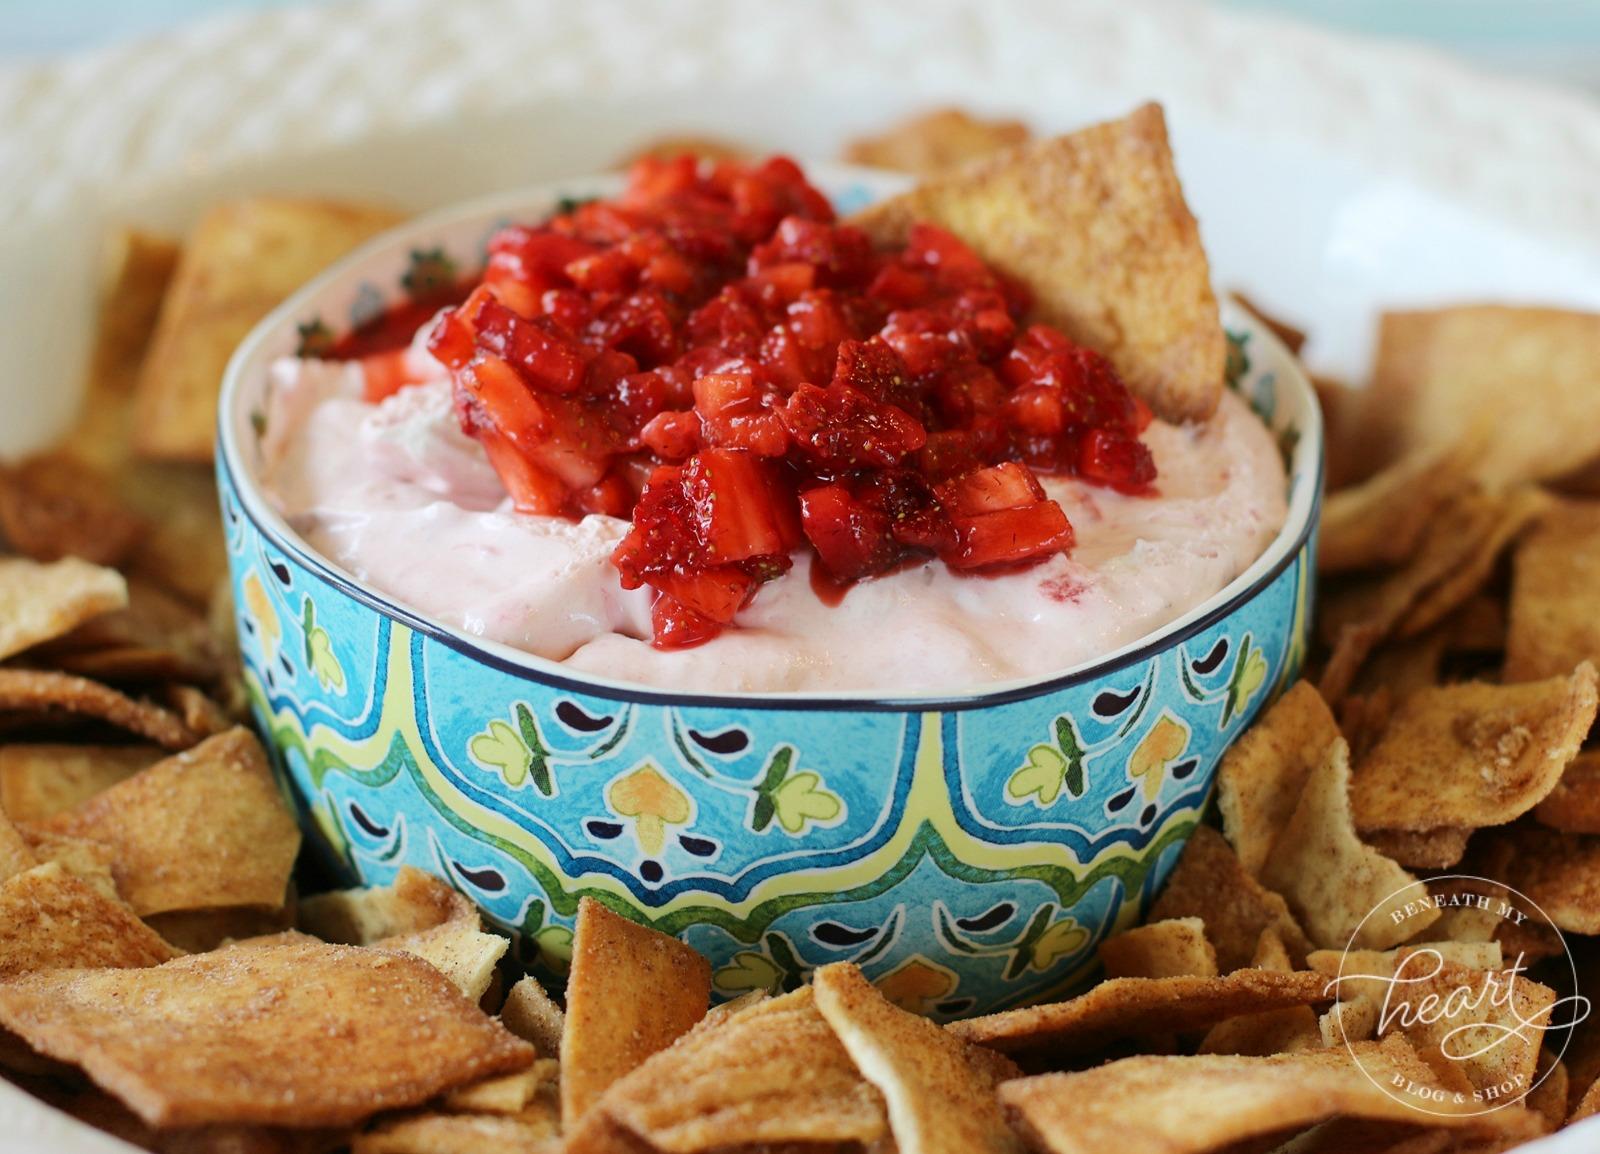 Strawberry Cream Cheese Dip